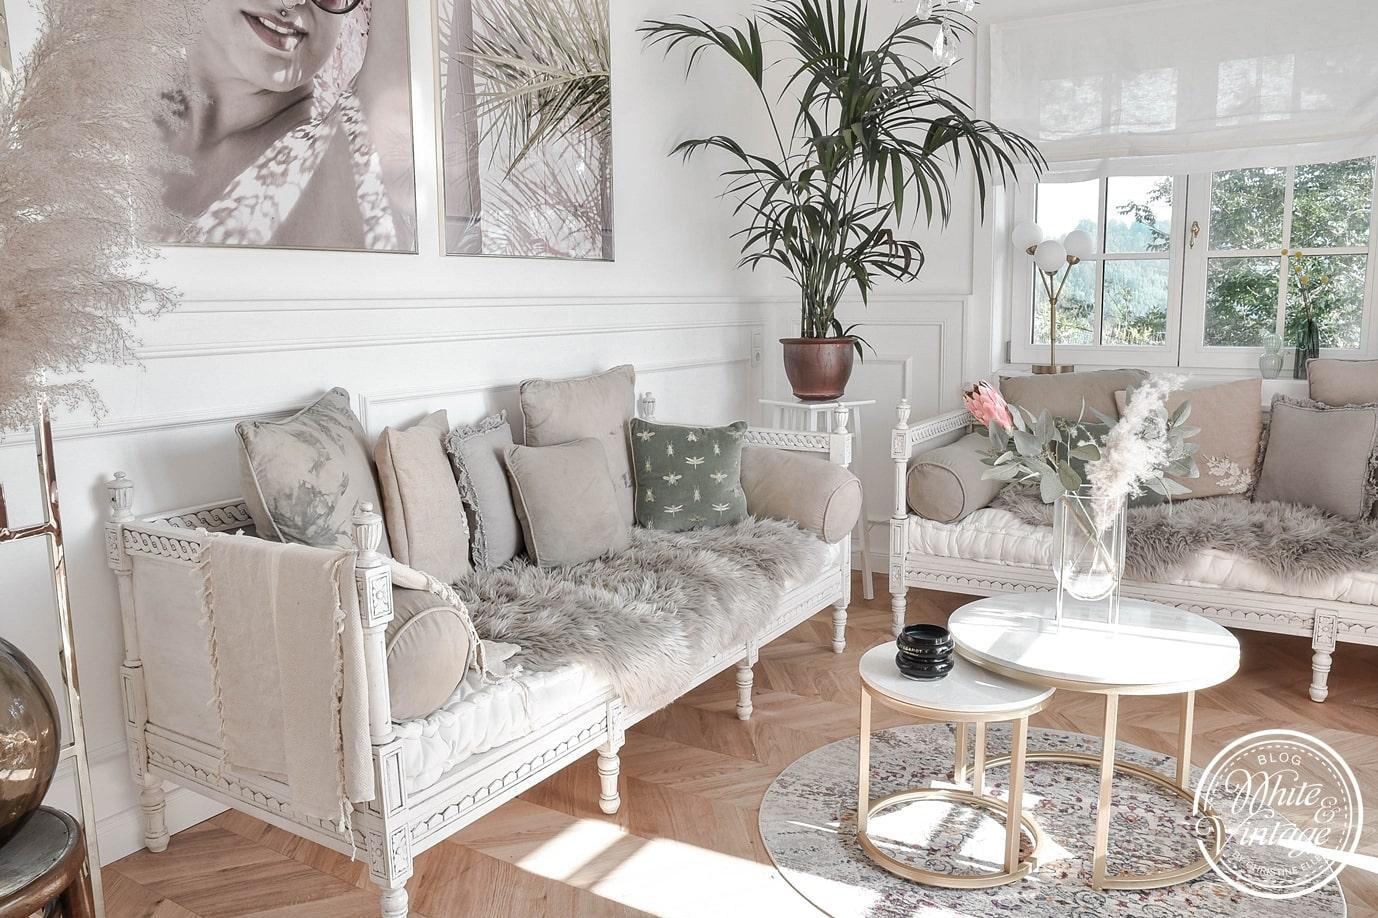 Zierkissen in neuen Farben sorgen für einen neue Look im Wohnzimmer.